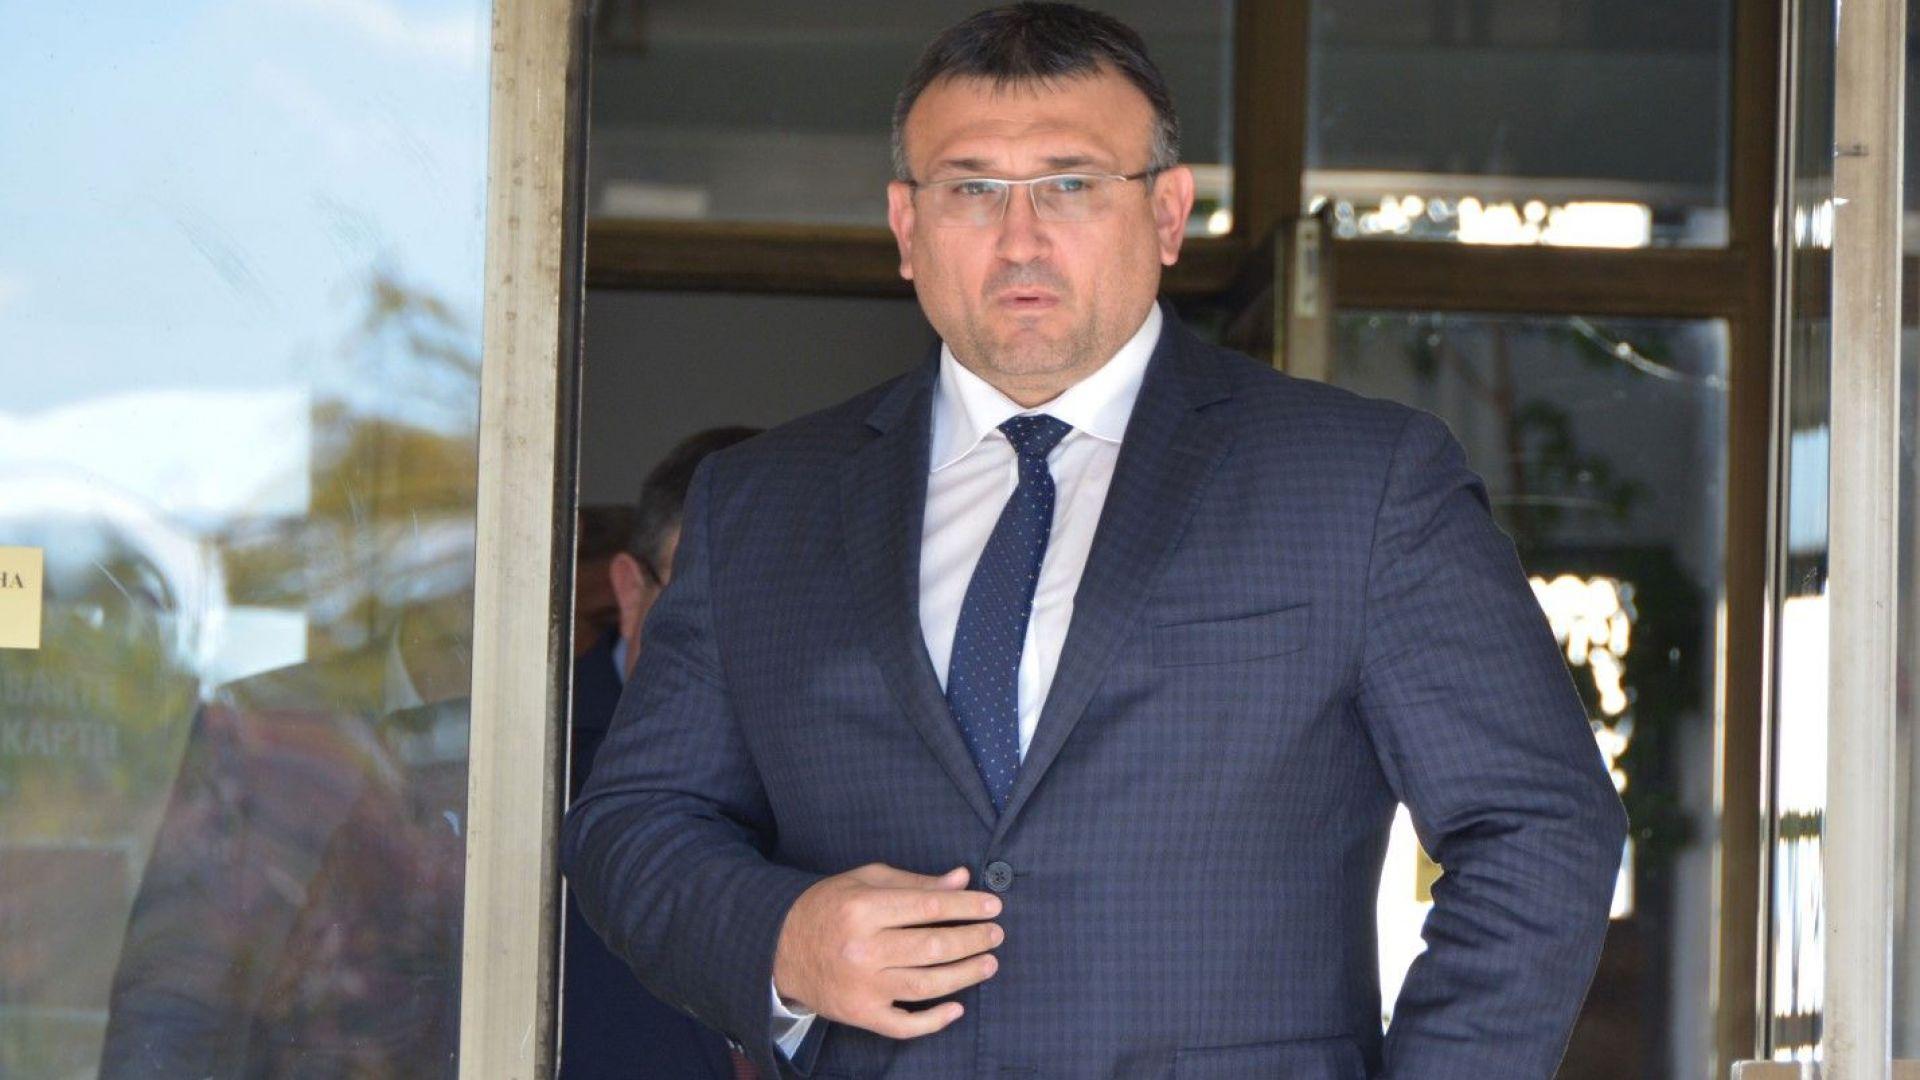 Младен Маринов: Случаят Гебрев е бил в нашето полезрение и в синхрон със западните партньори